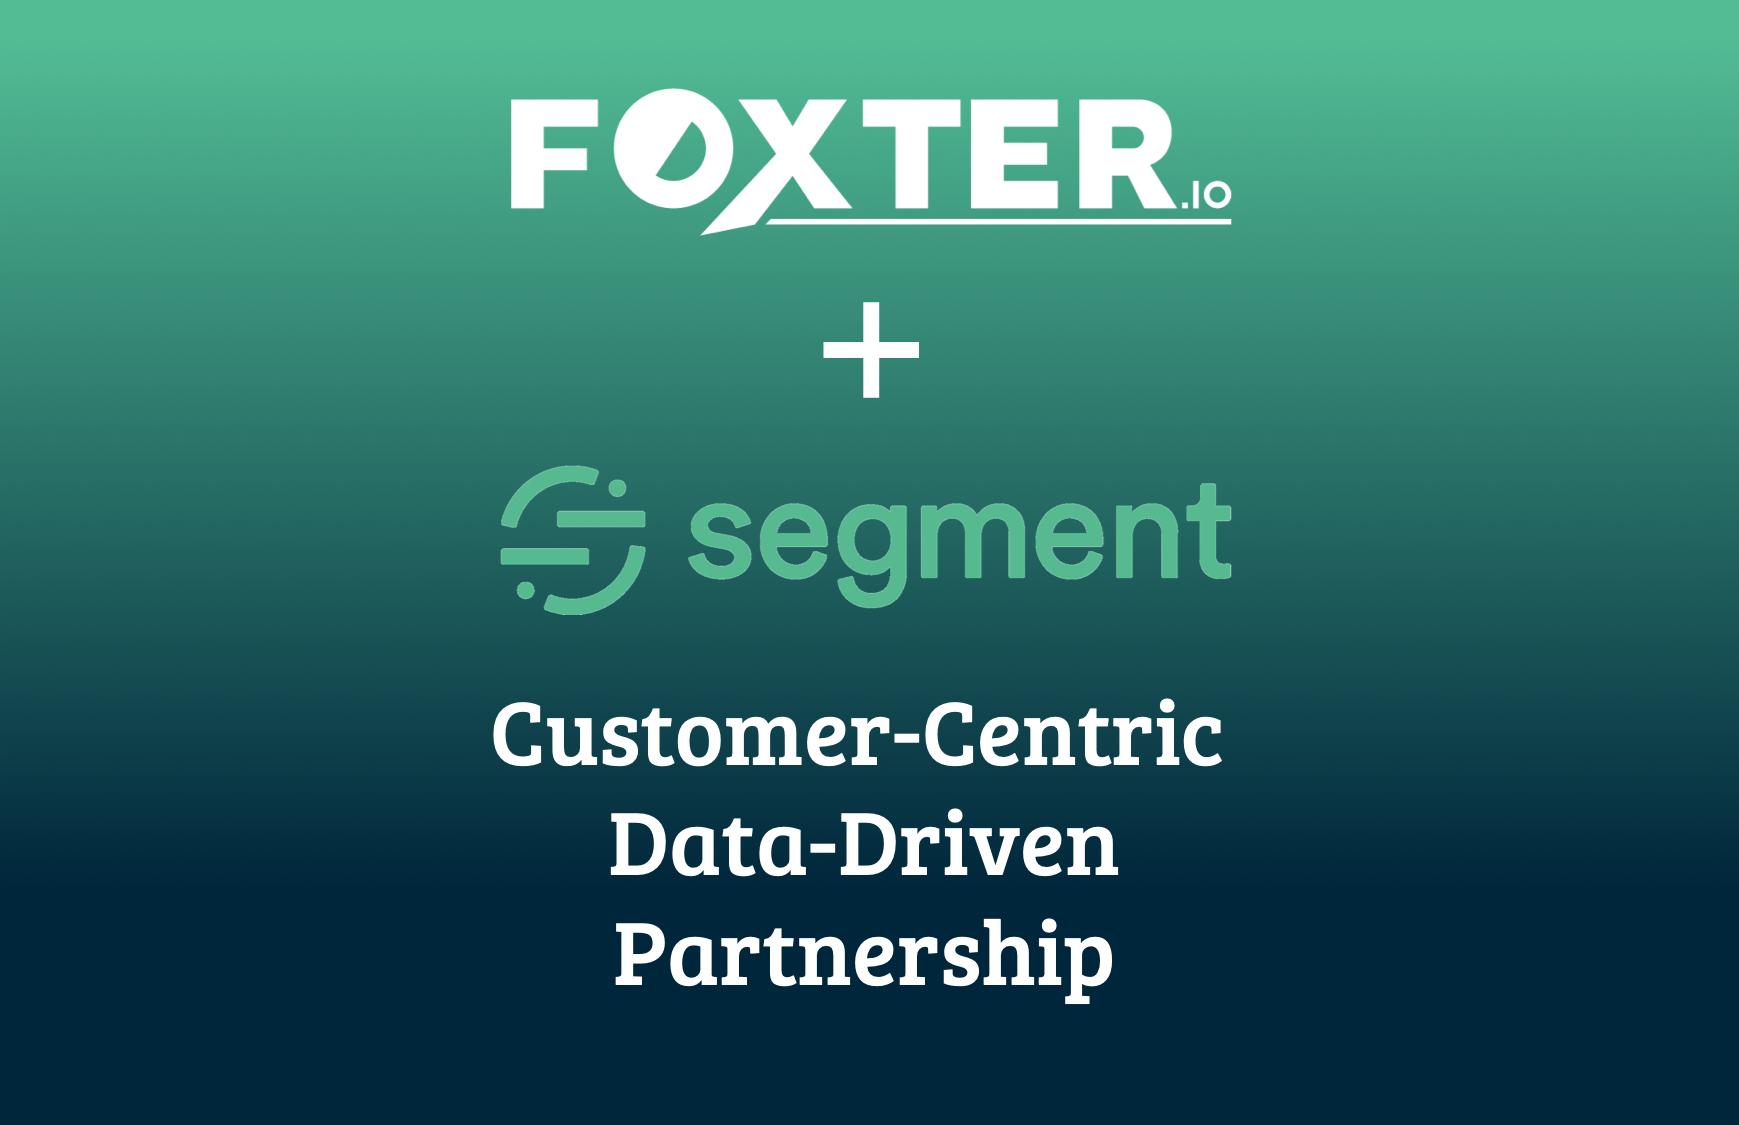 segment_foxter_partnership